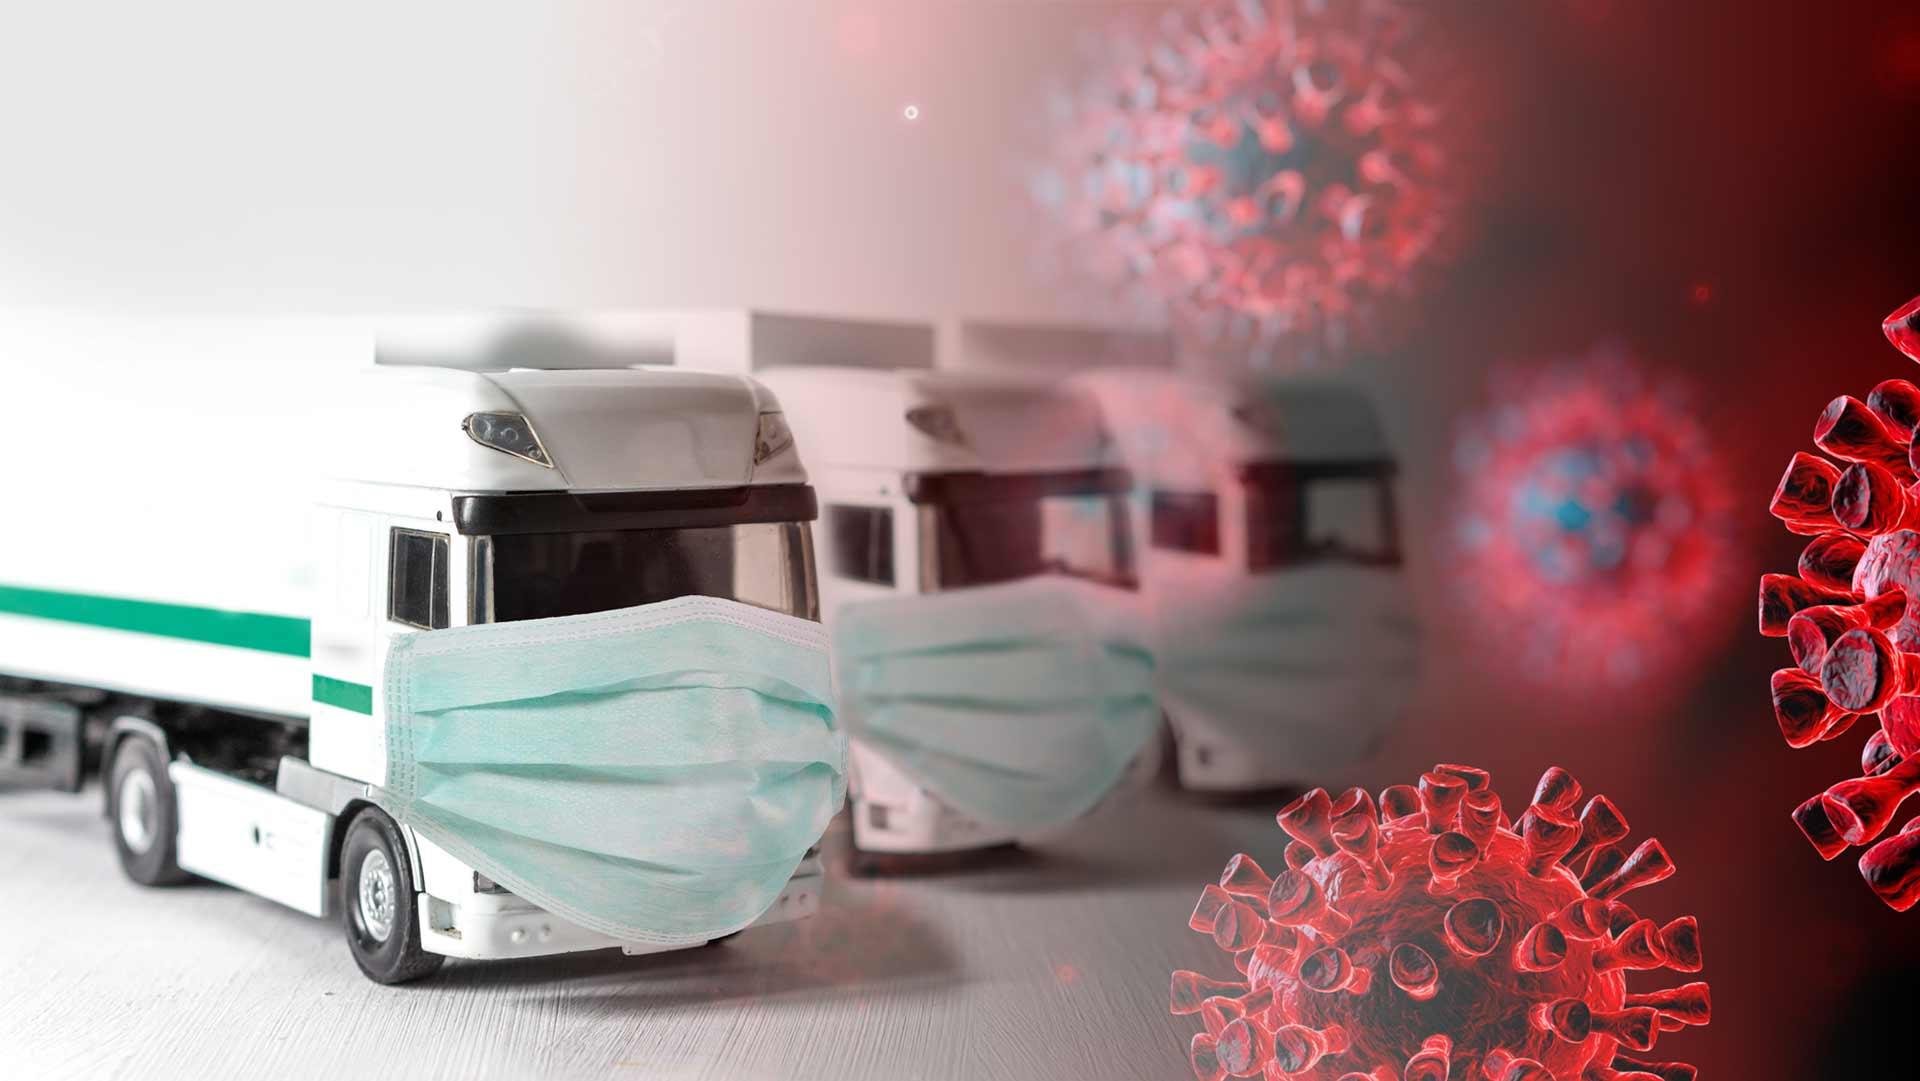 Trucks with maskes coronavirus